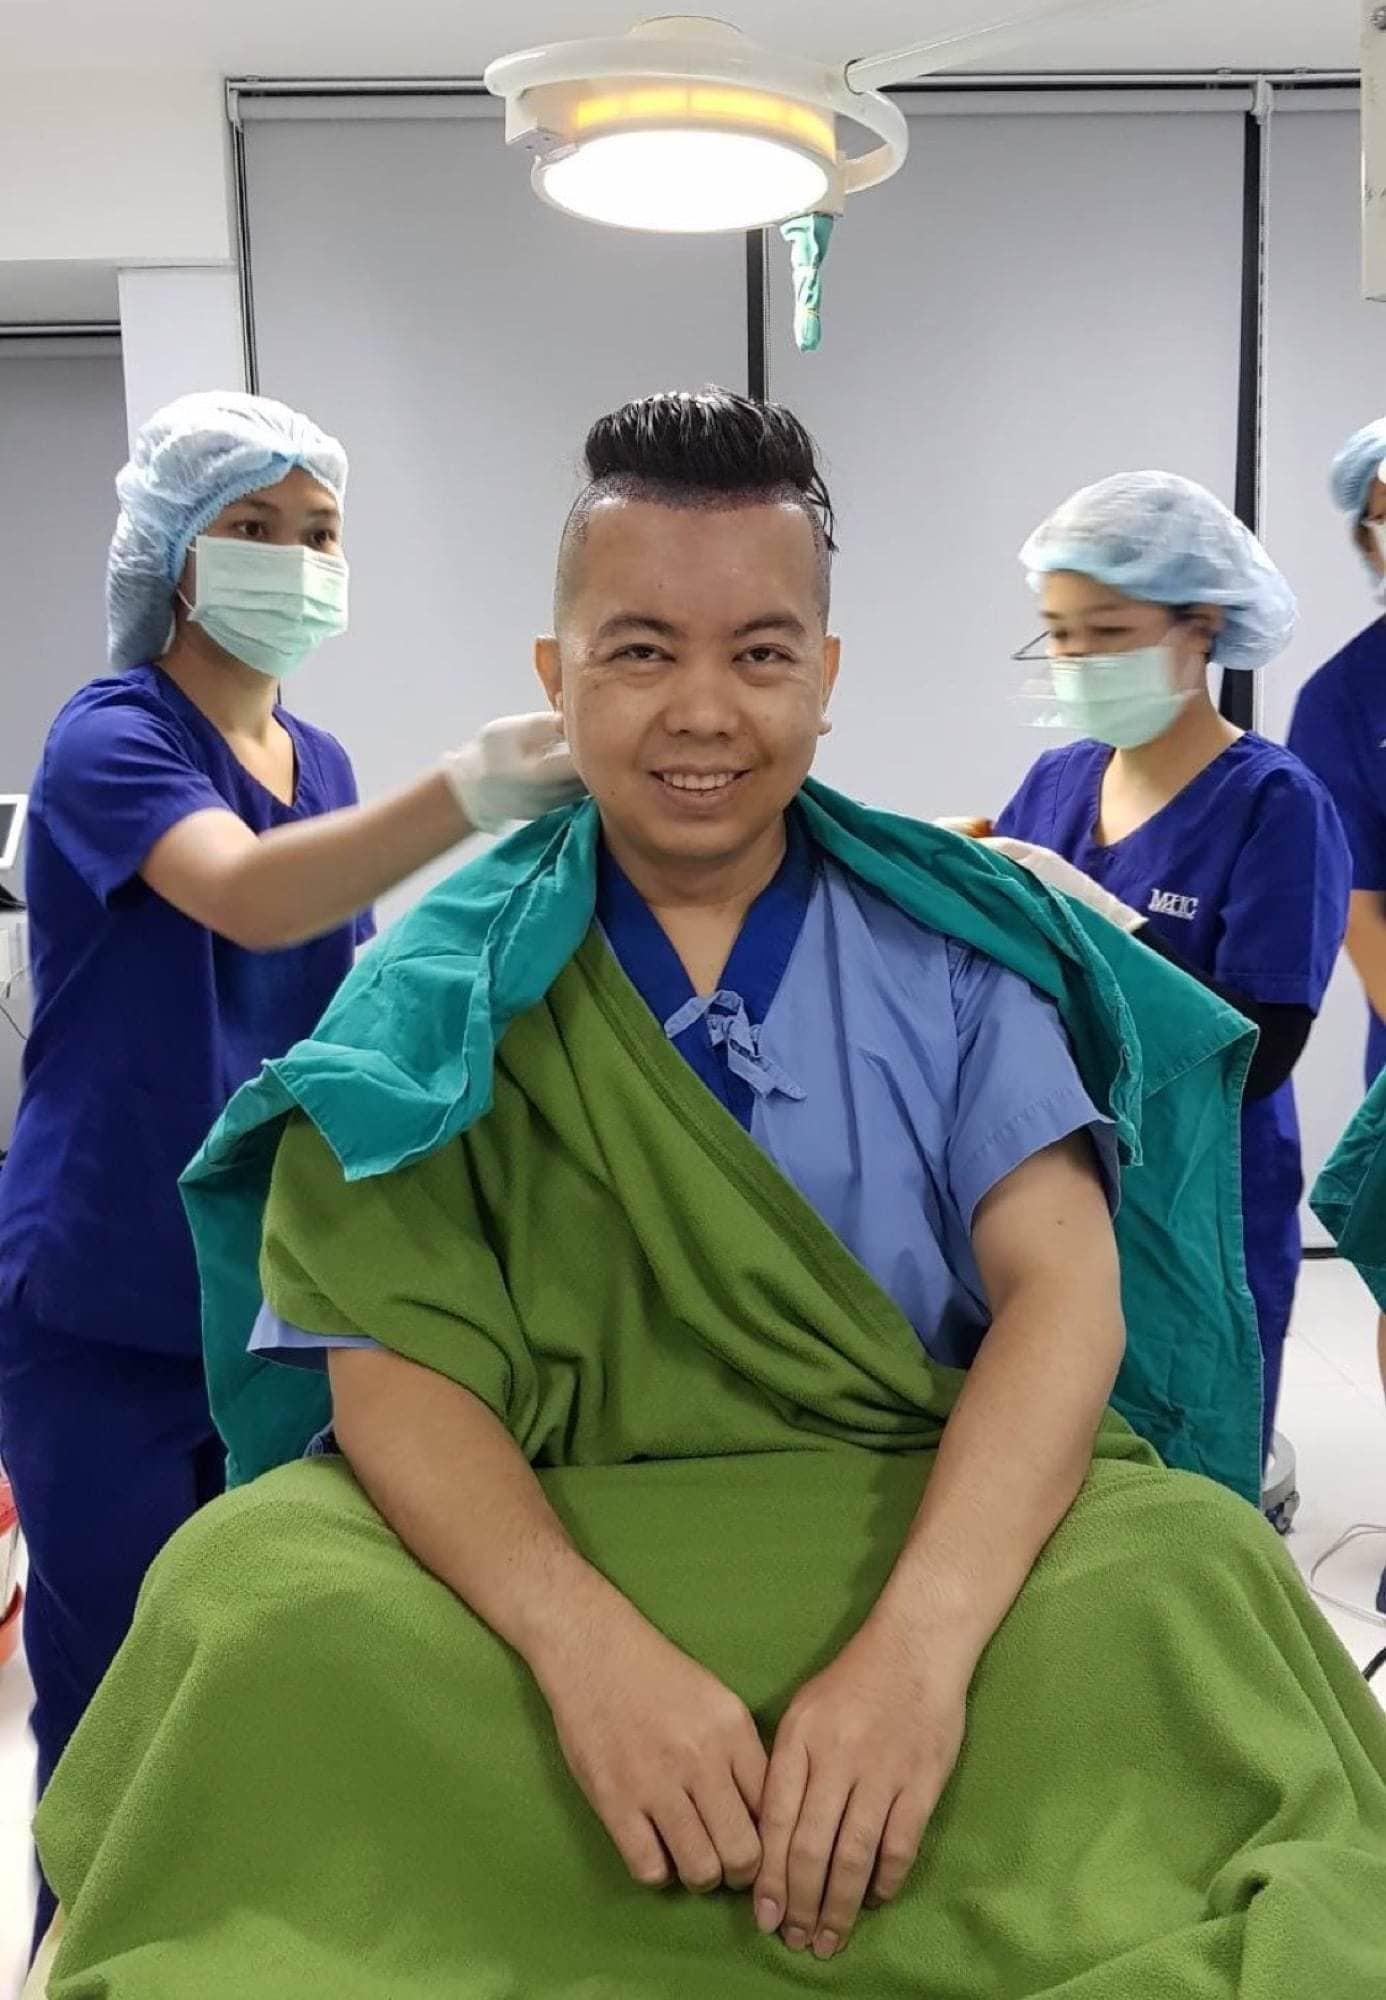 รีวิวการปลูกผม กับเรื่องราว ณ วันผ่าตัด 15